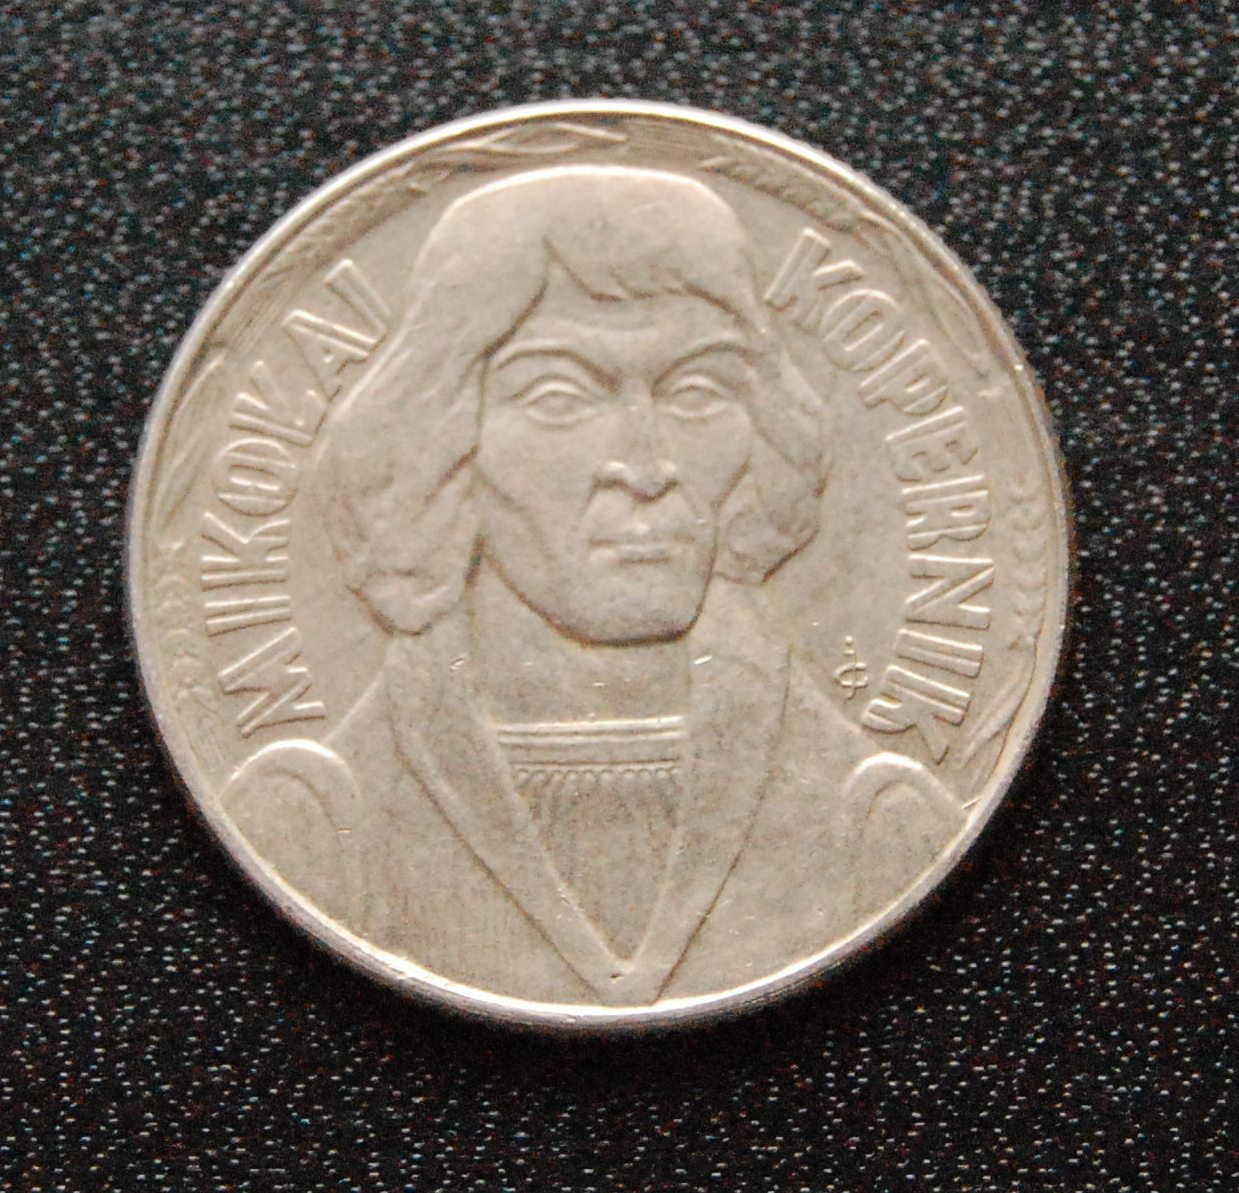 1959 10 zlotych Poland